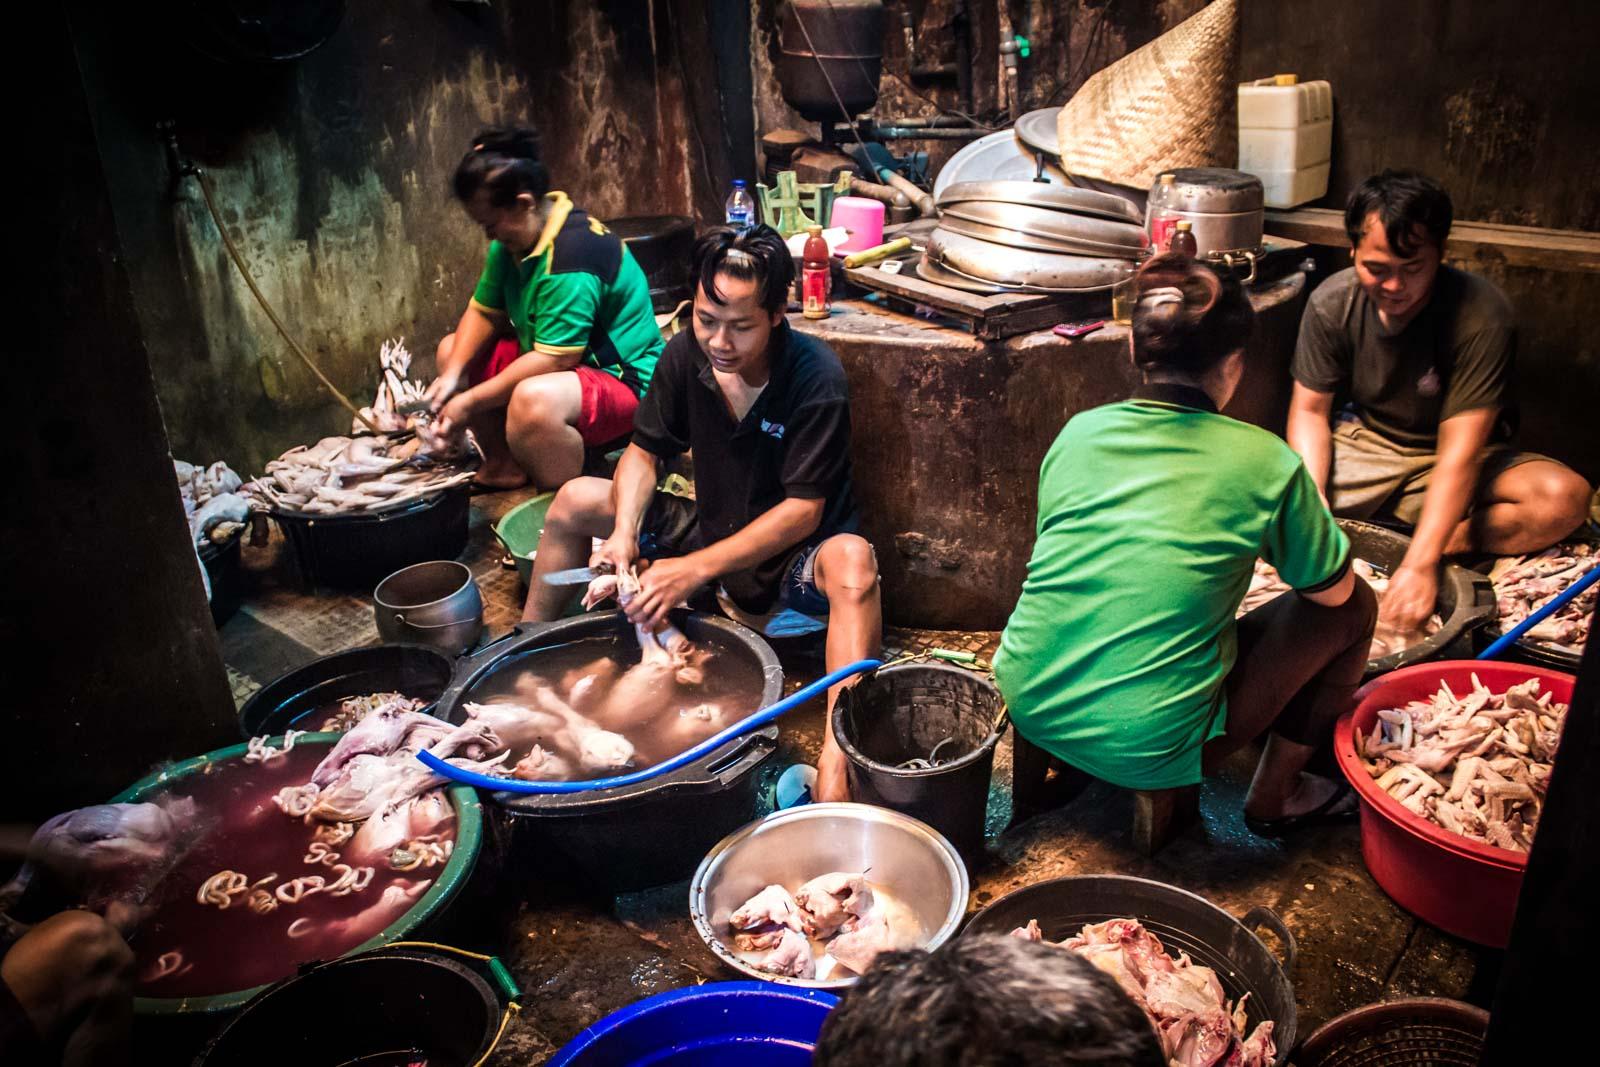 Gudeg Yu Djum restaurant, Yogyakarta, Indonesia